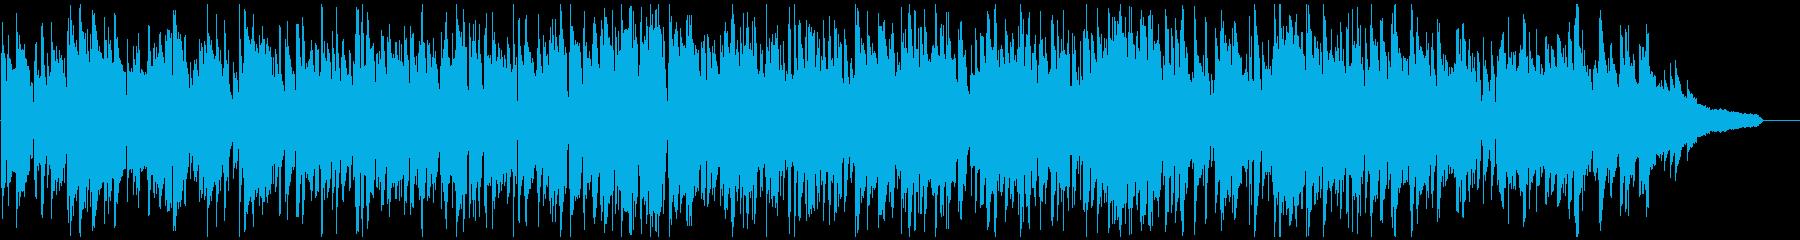 軽快な足取りのライトなジャズ、スイングの再生済みの波形